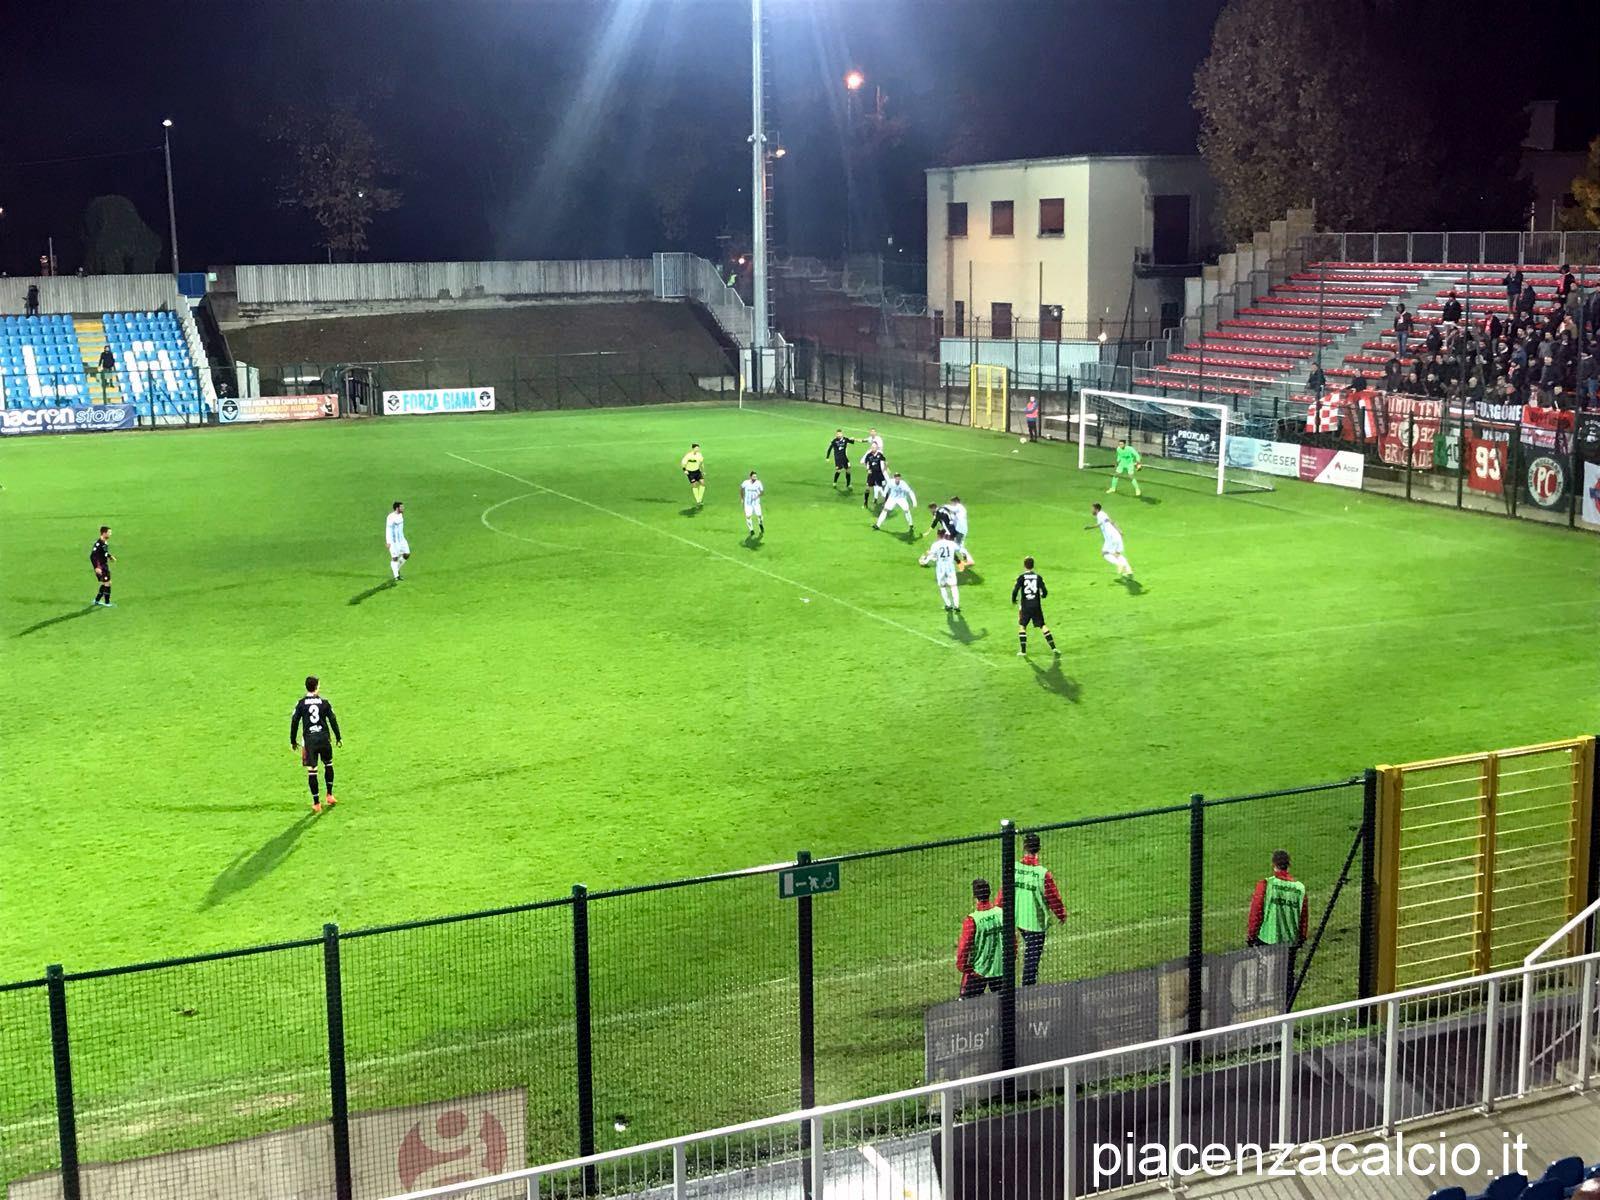 Giana Erminio - Piacenza6